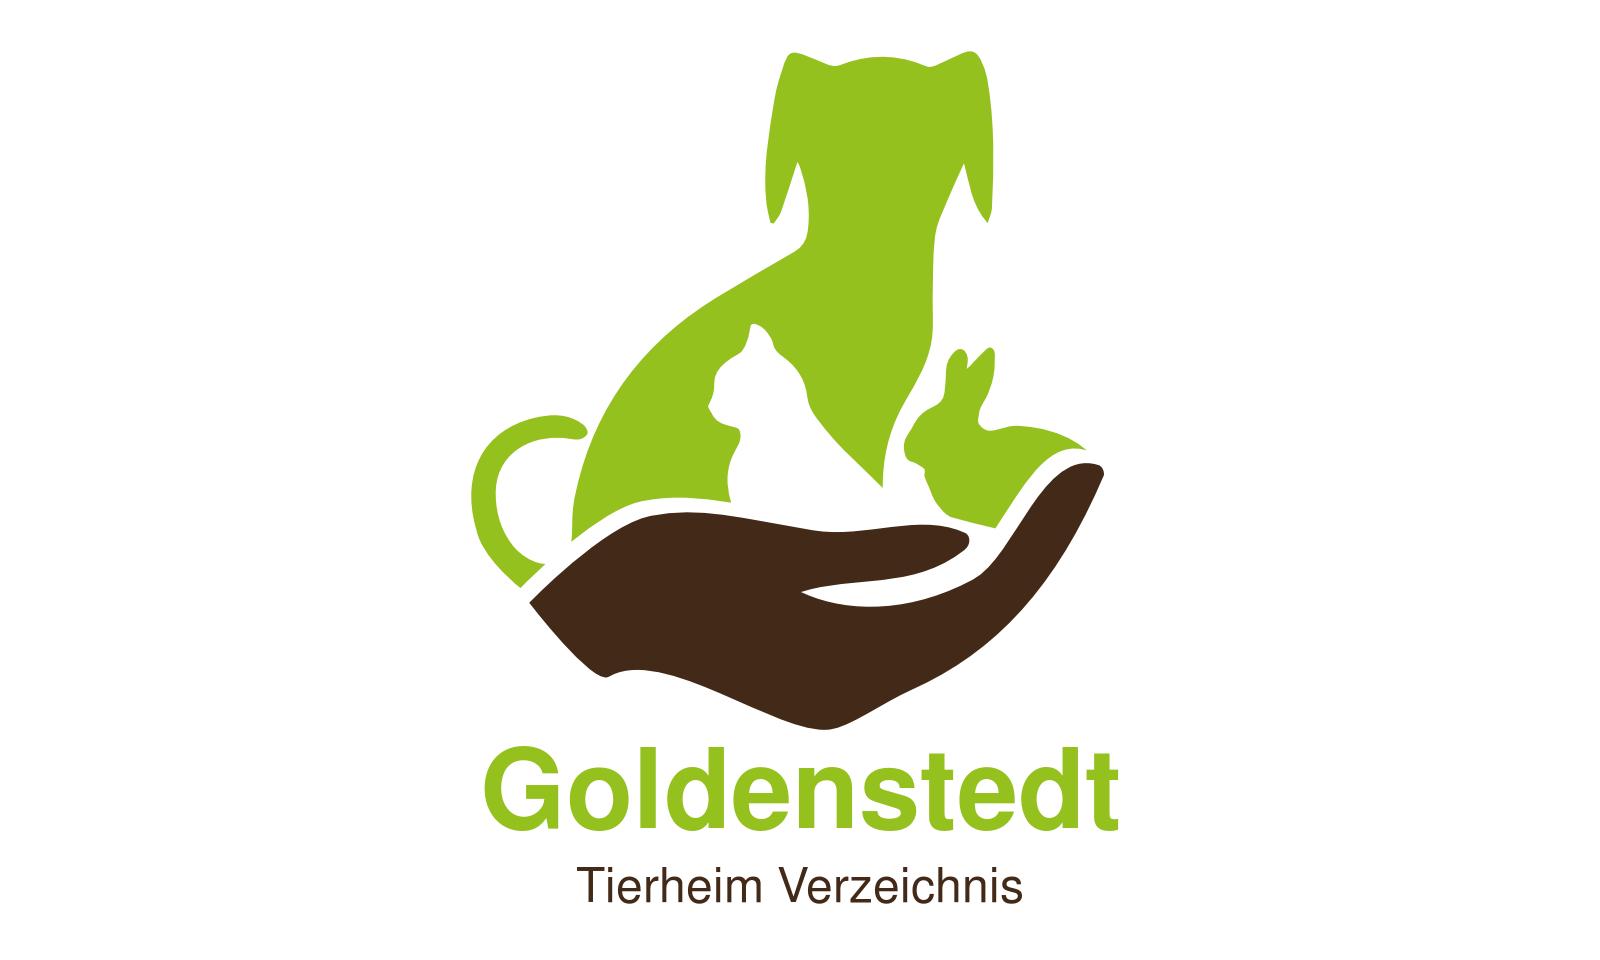 Tierheim Goldenstedt